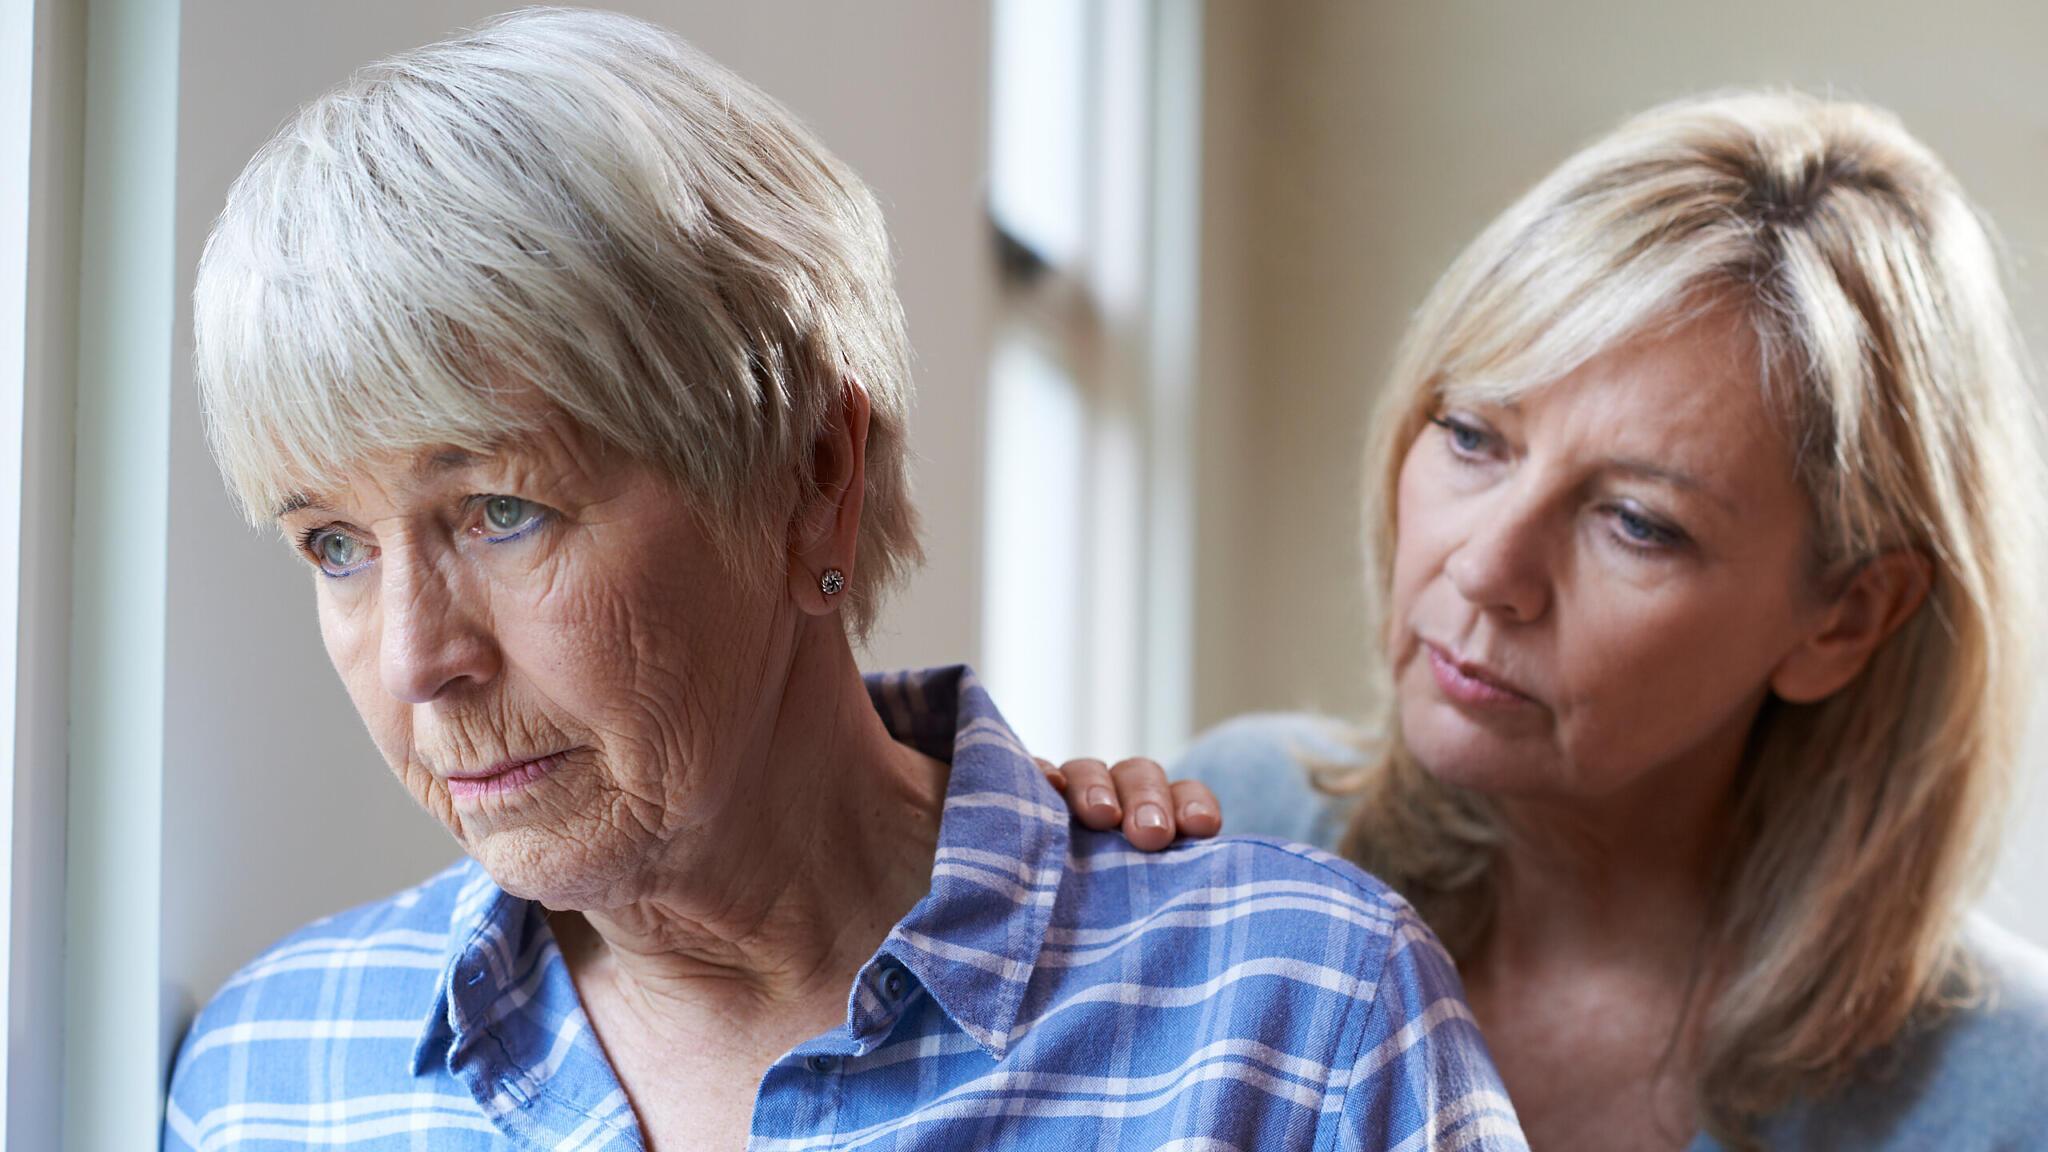 Х-хромосома защищает от болезни Альцгеймера